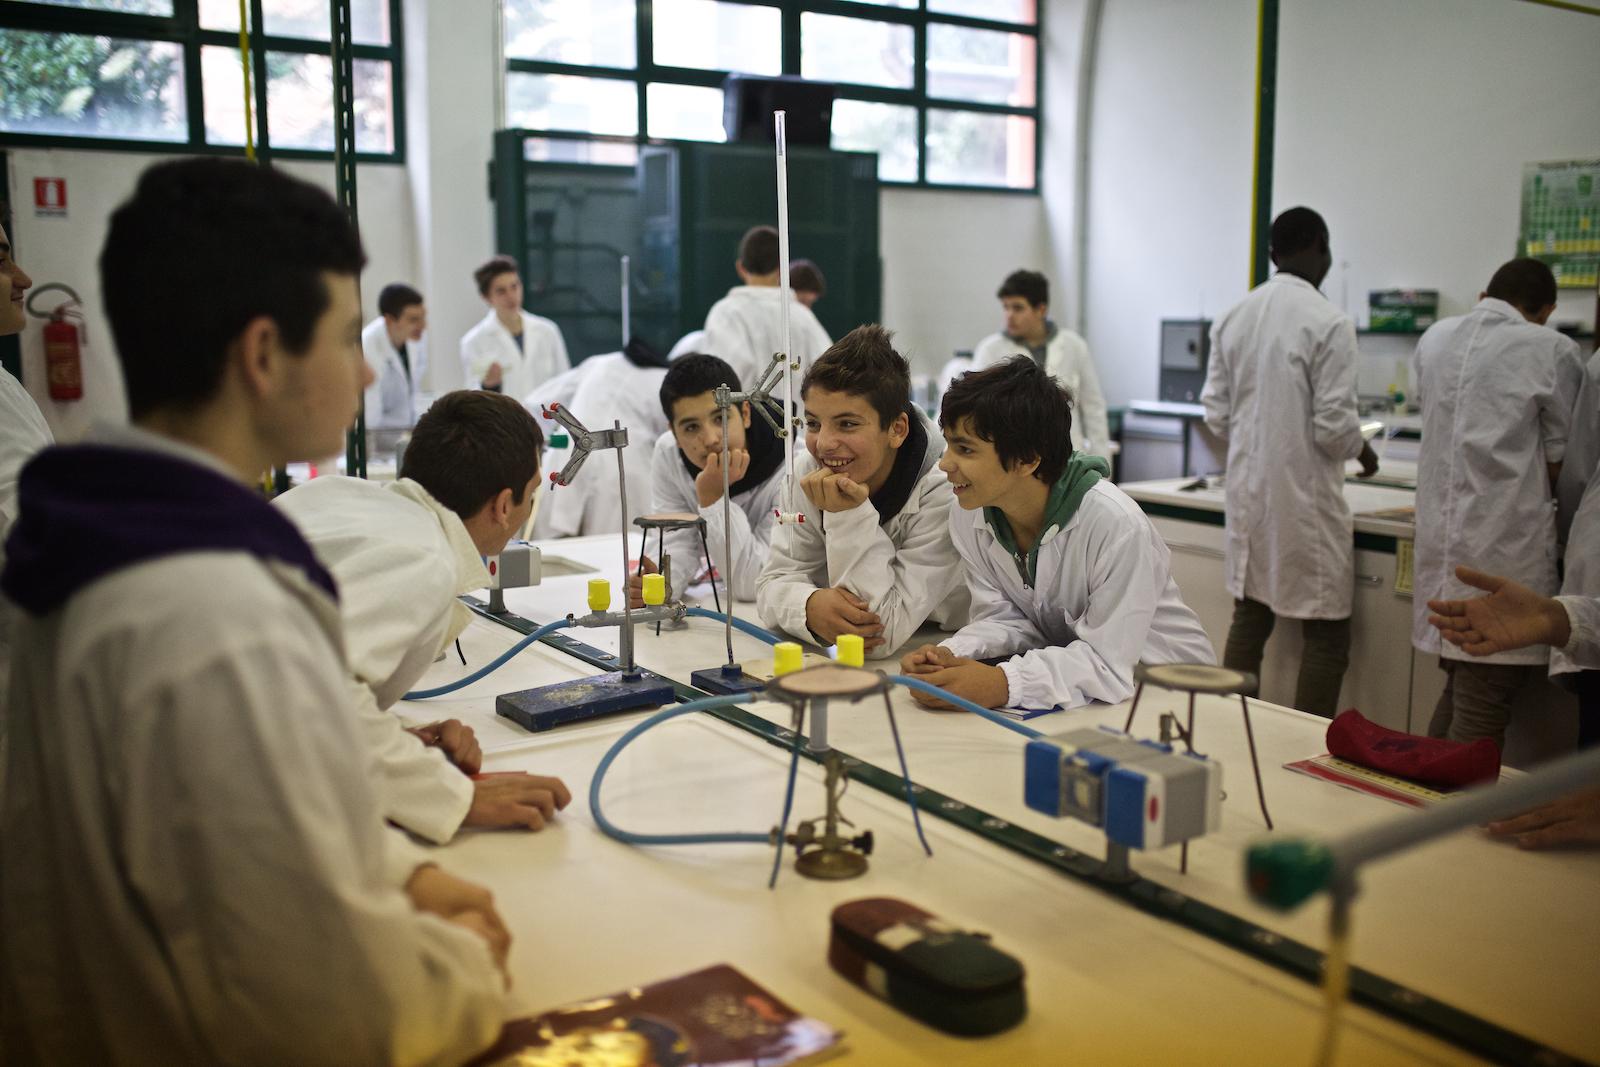 Giovani studentidell'ISS Pacinotti in uno dei laboratori di chimica della scuola. Mestre, Novembre 2014.